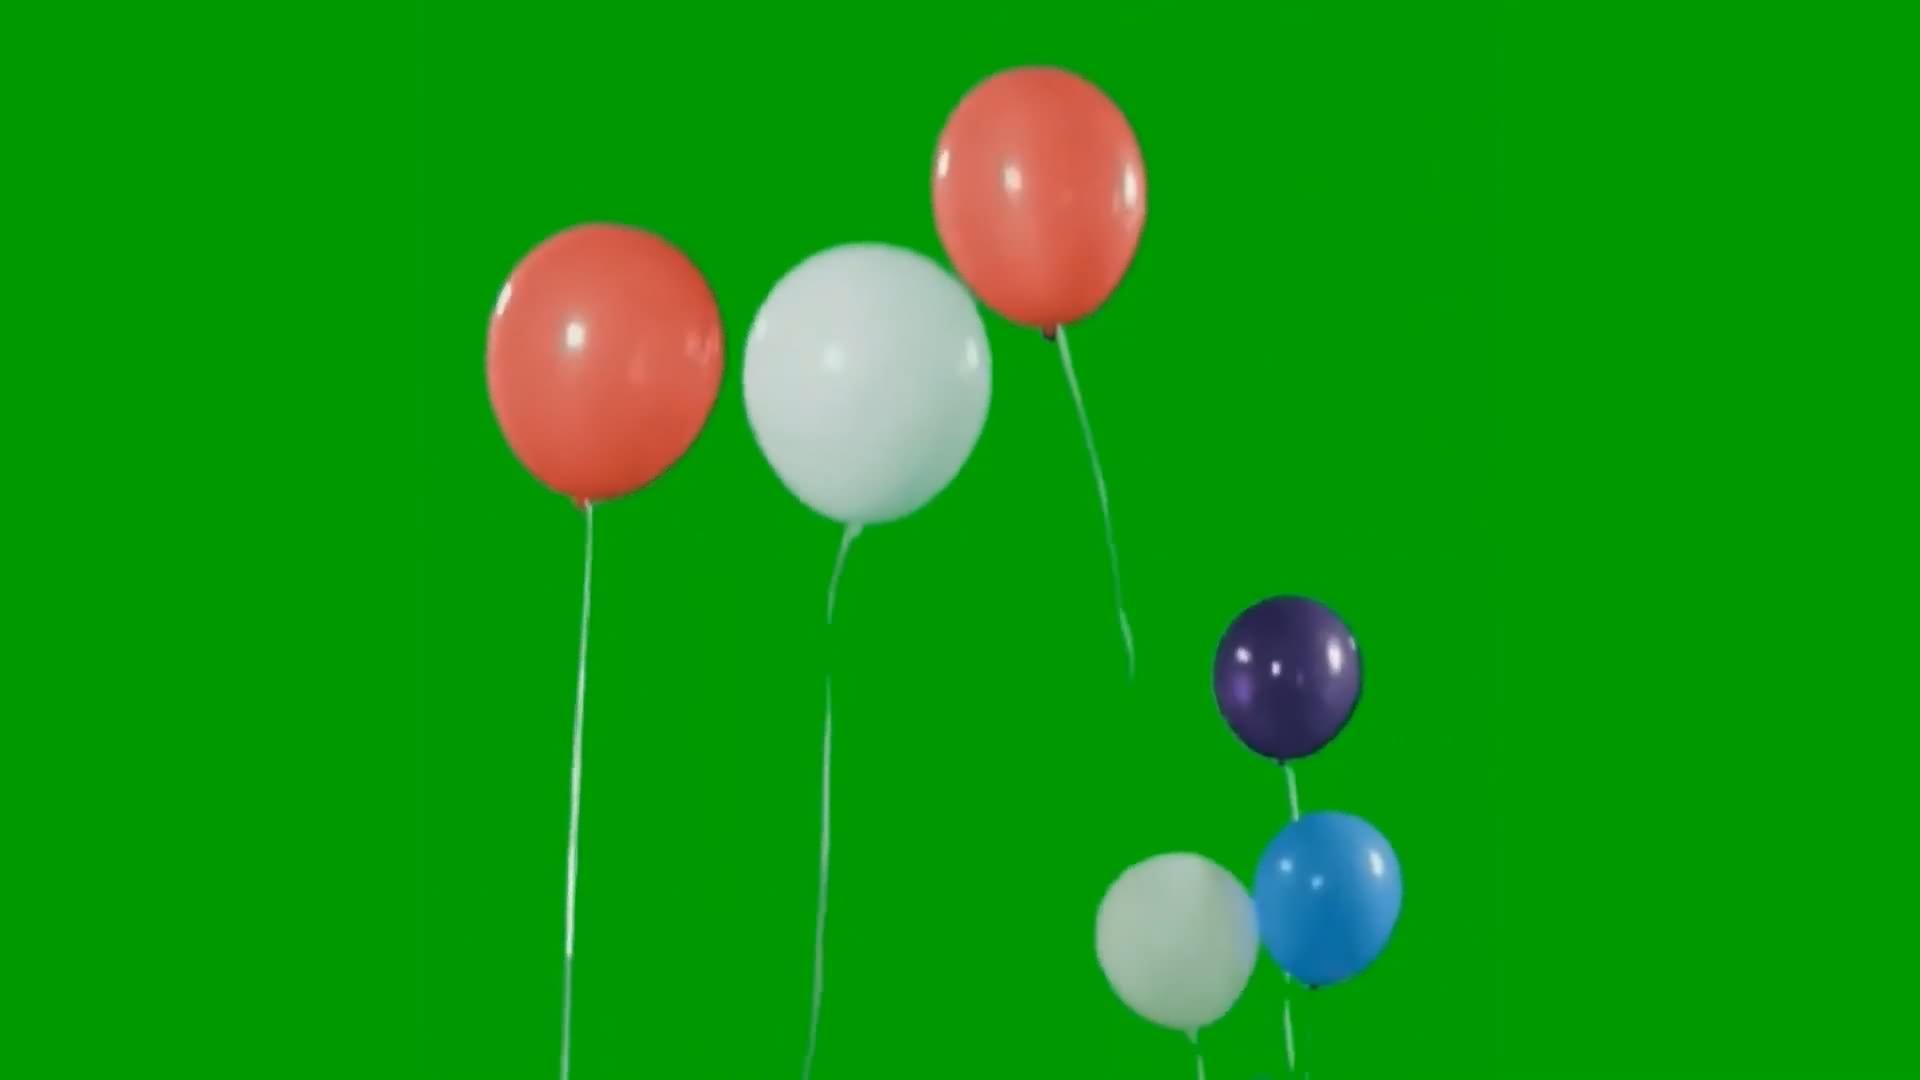 绿屏抠像彩色气球.jpg